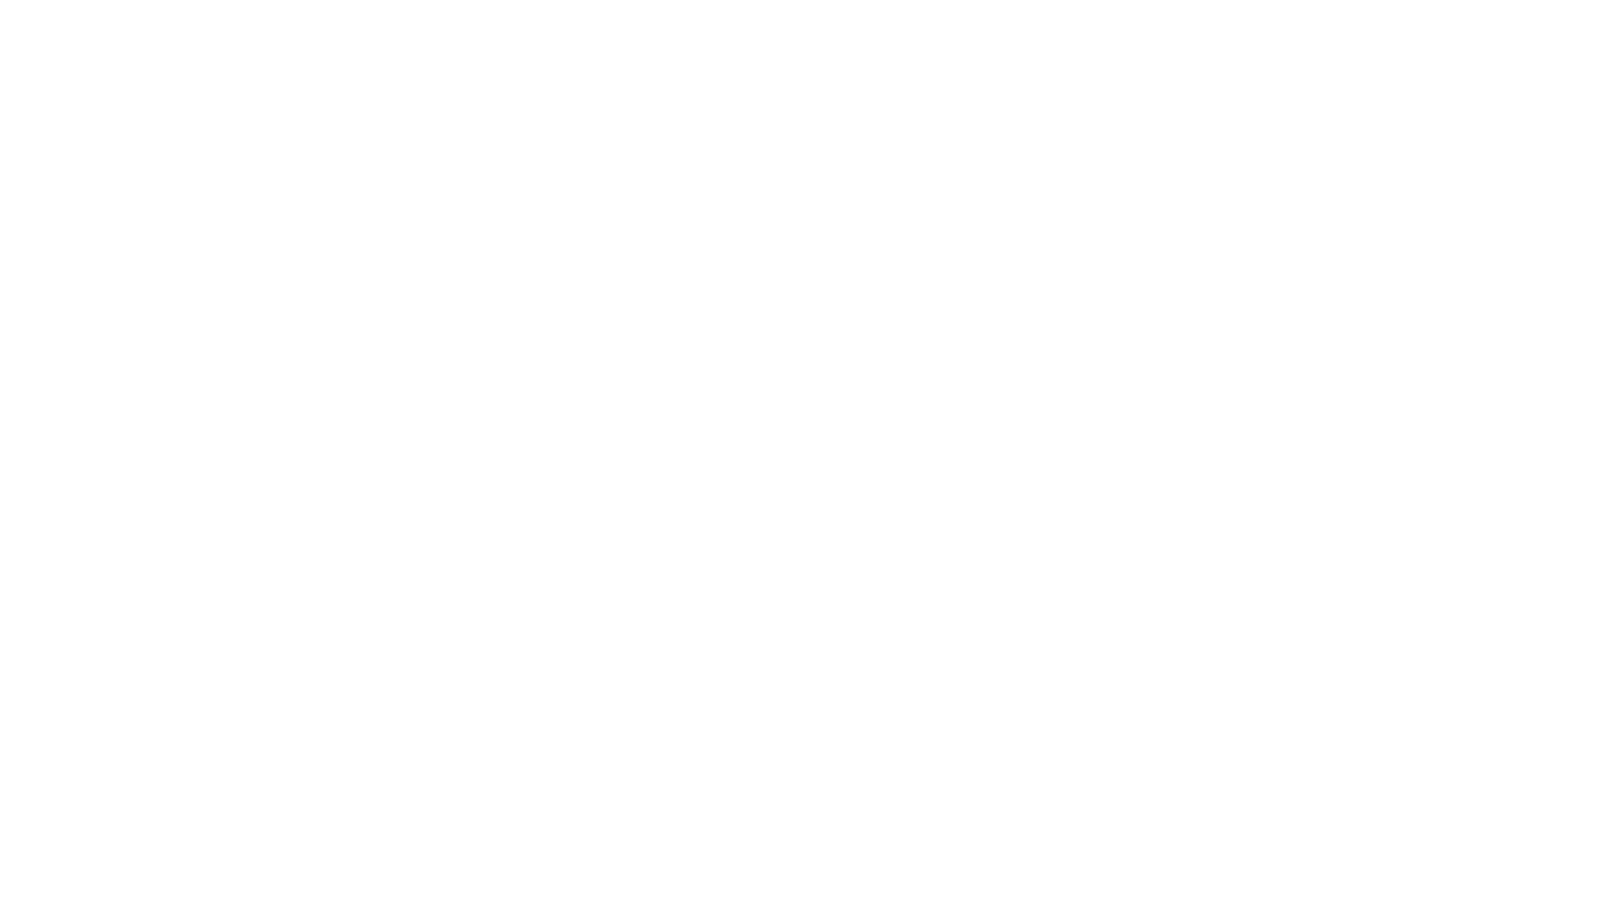 ▼銀座メガネ・コンタクトさま/告知動画PV 紙媒体のDMから、動画制作『MINAKURU®』ミナクルを活用し、制作されたモーショングラフィック動画広告。銀座メガネコンタクト様でコンタクトレンズを購入されると、お得感満載でお買い物ができる告知動画プロモーションです。